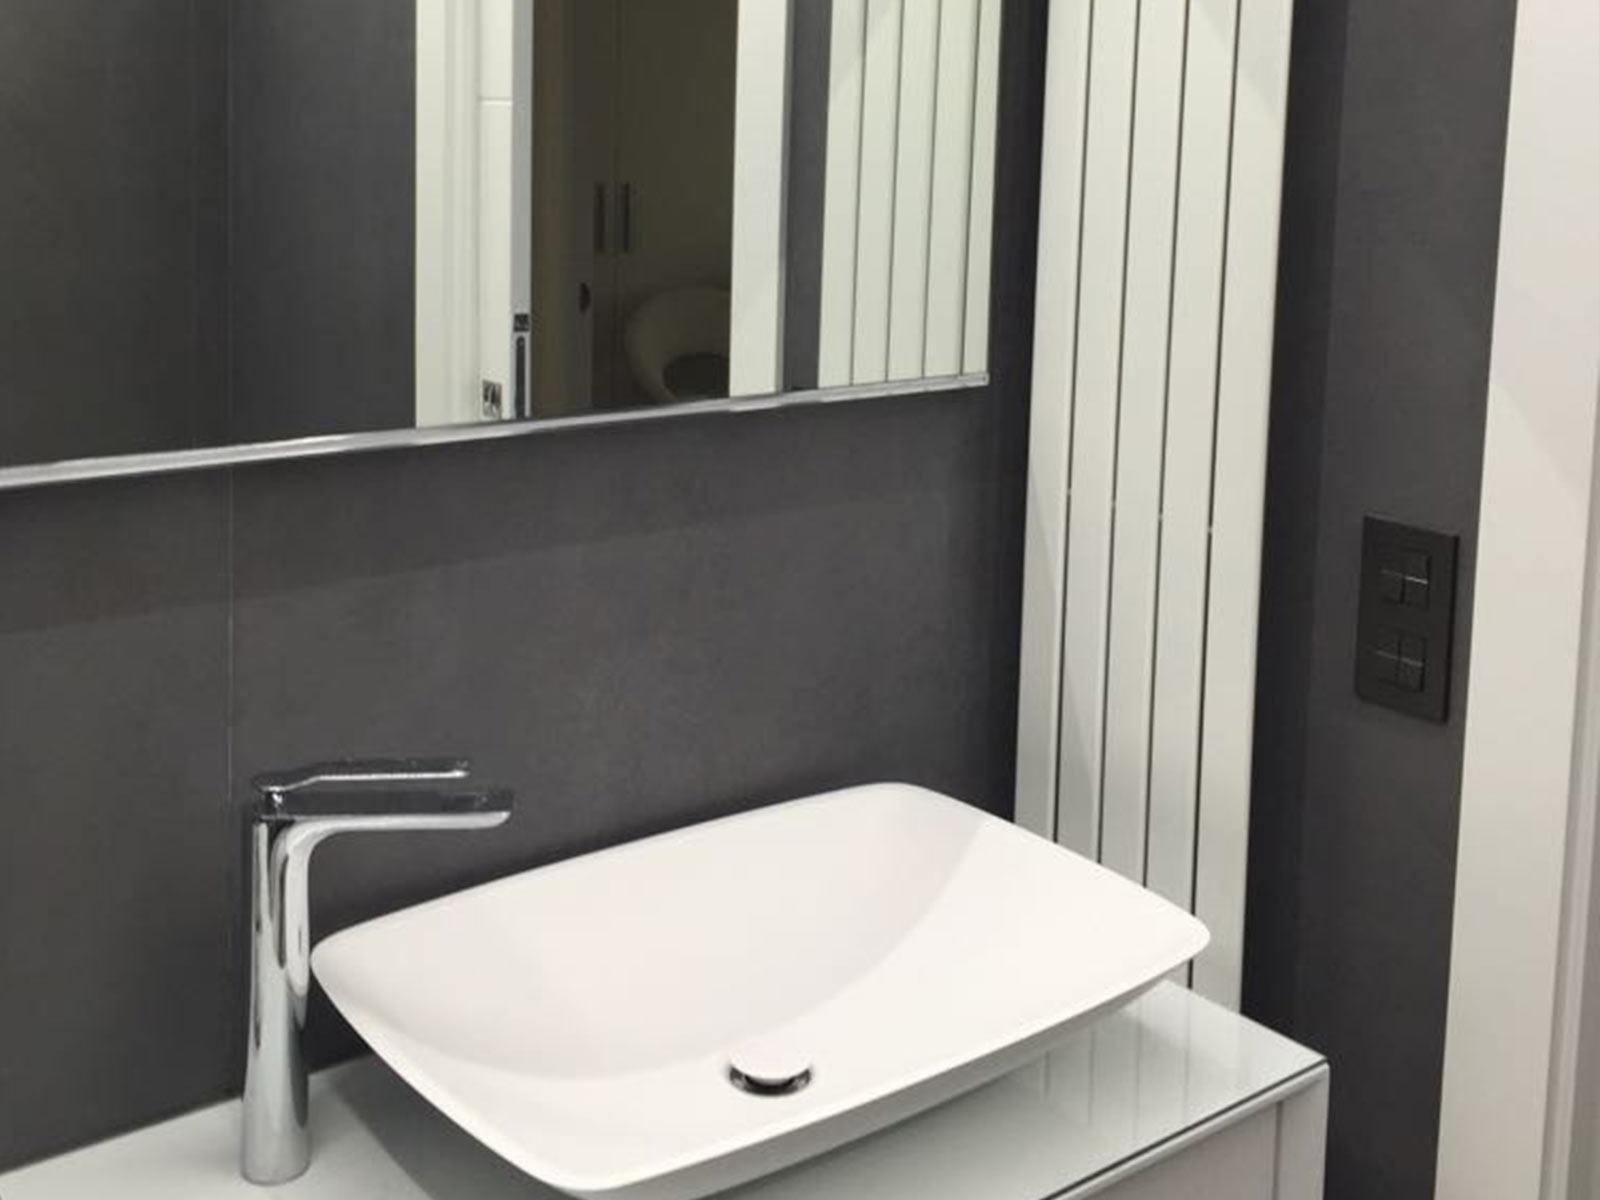 Monomando lavabo Verona, cromo.